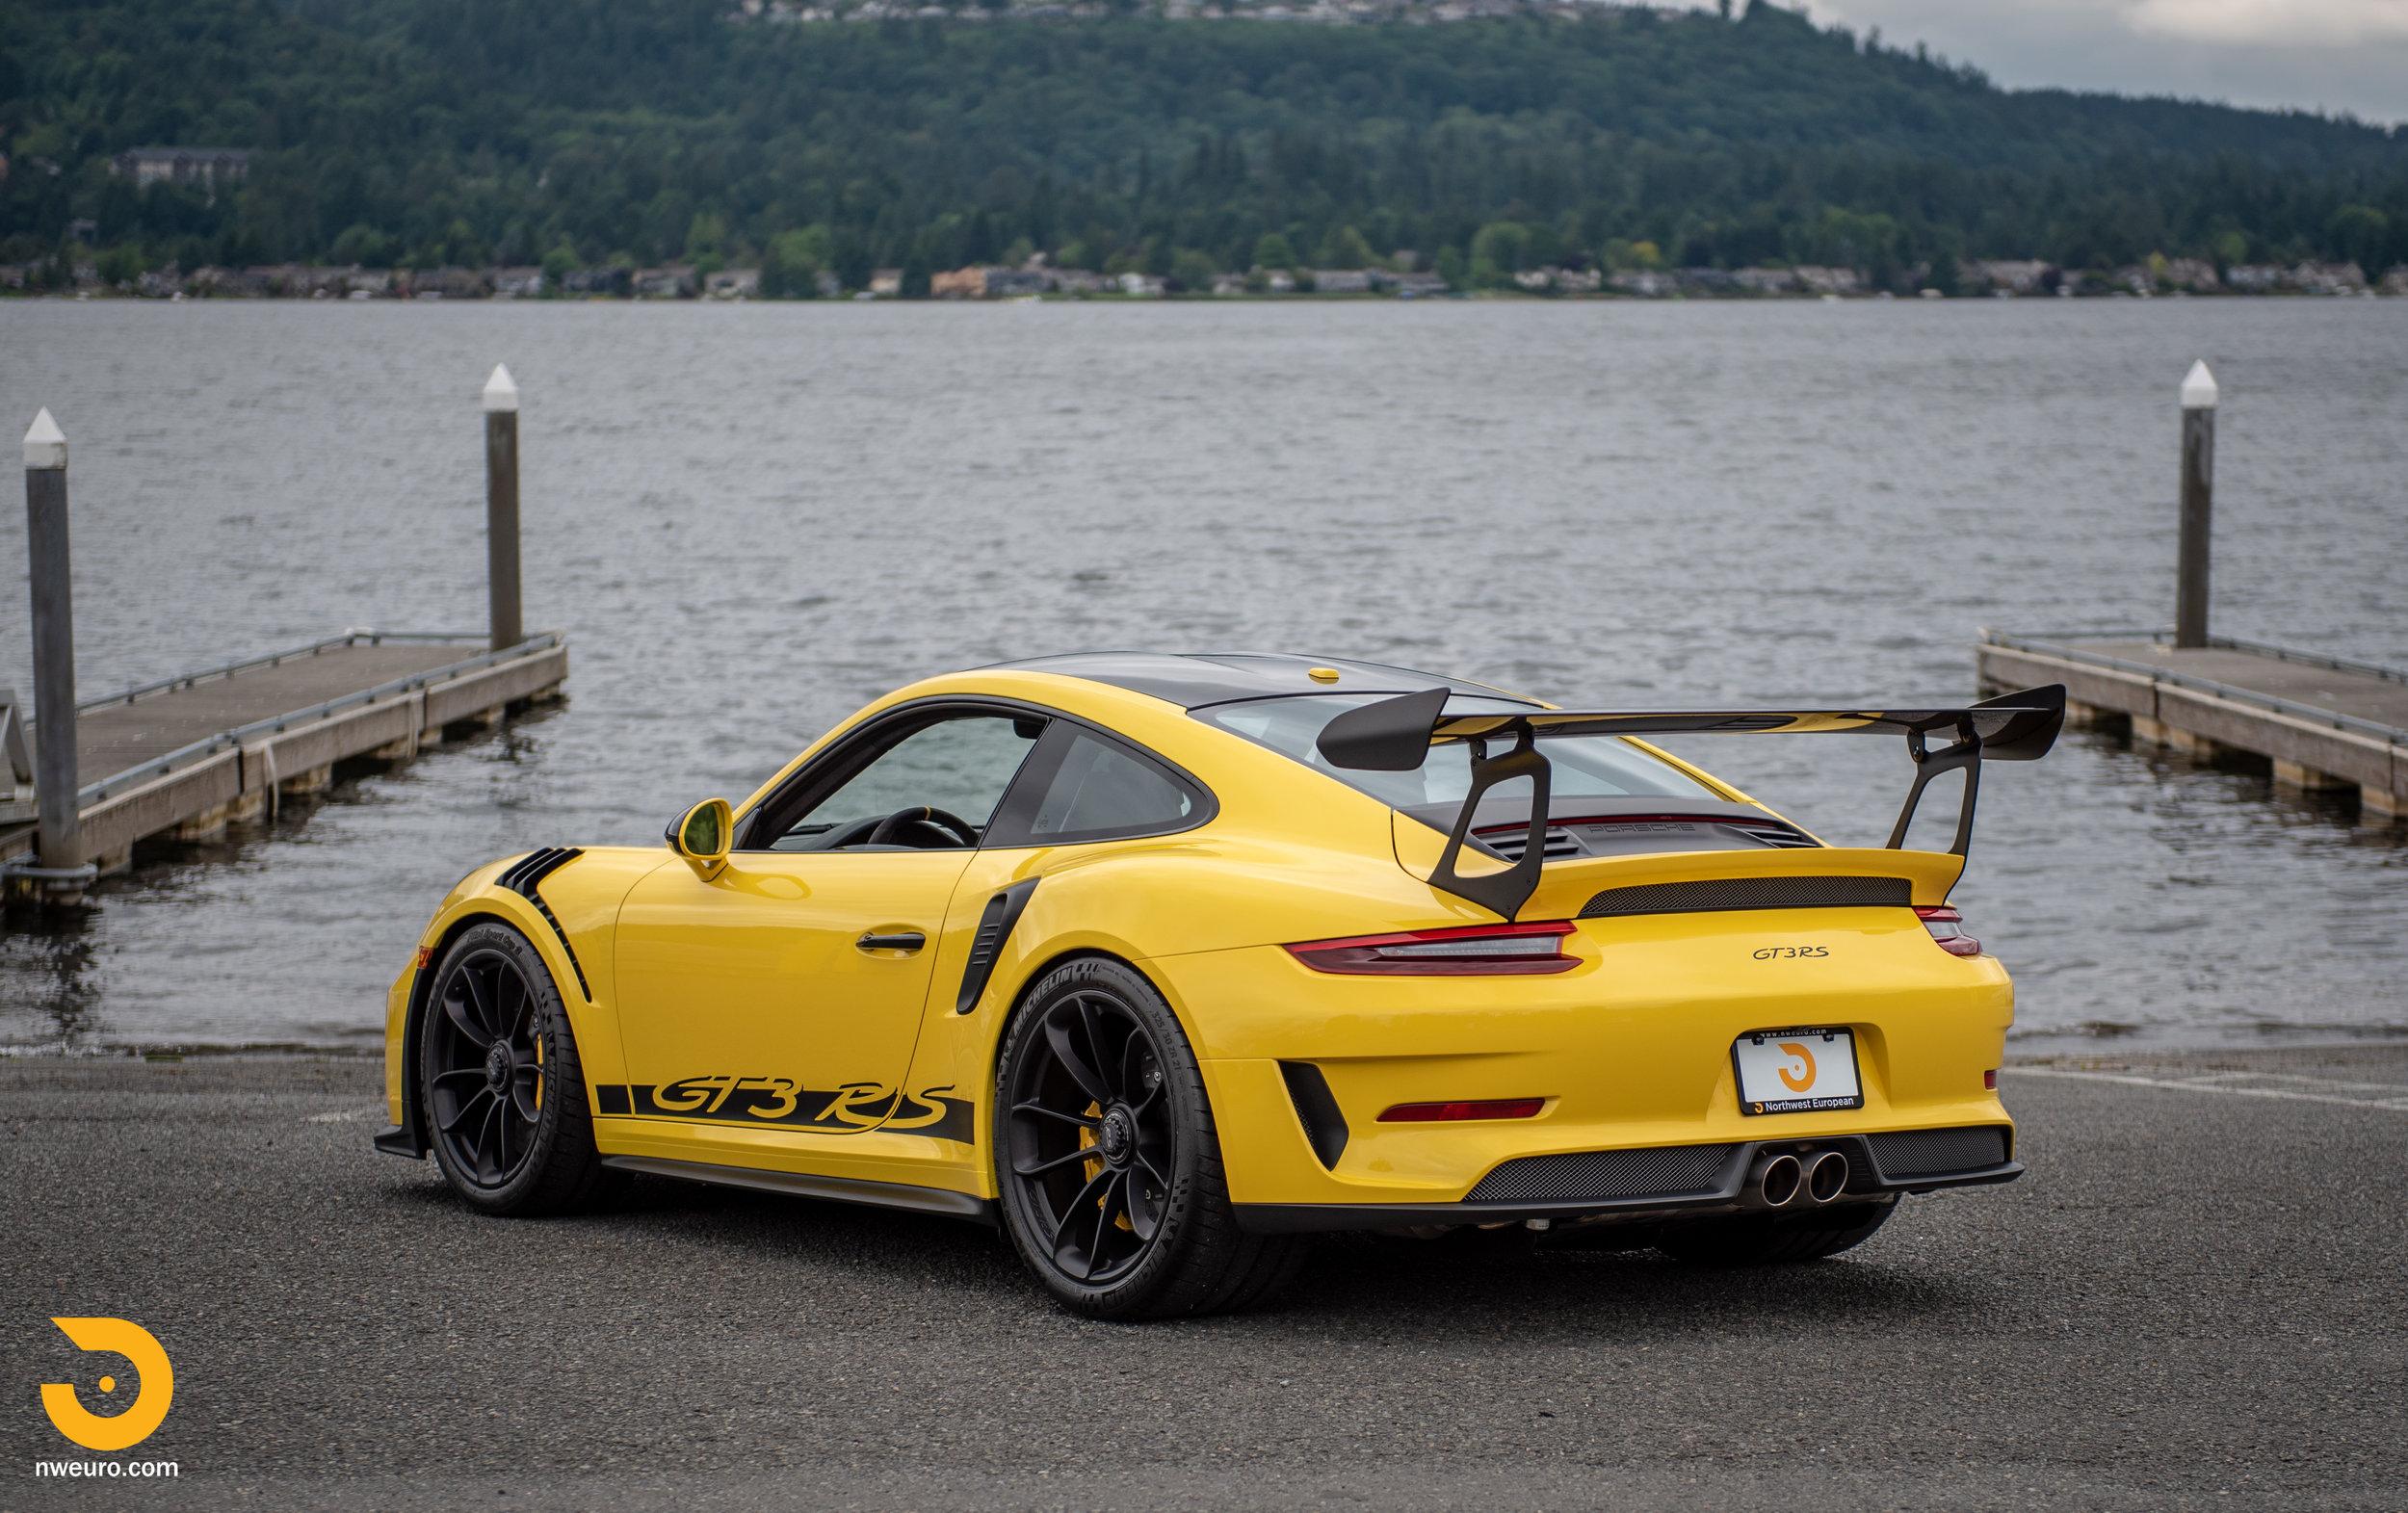 2019 Porsche GT3 RS-21.jpg